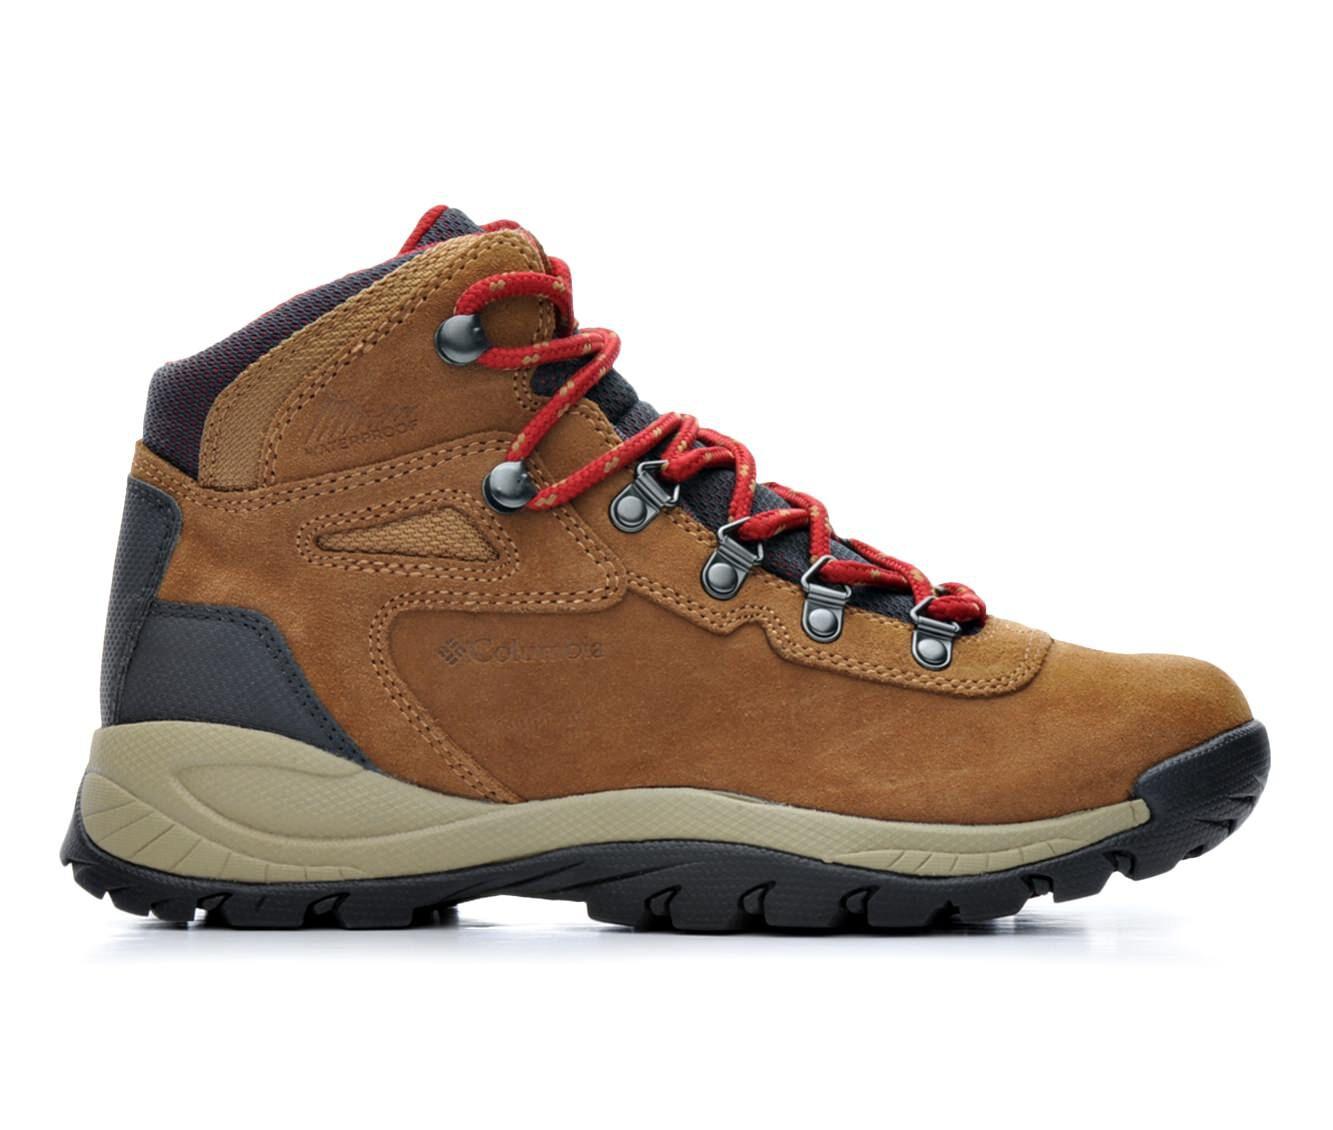 Columbia Newton Ridge Plus Waterproof Hiking Boot (Women's) xvYqrZHk